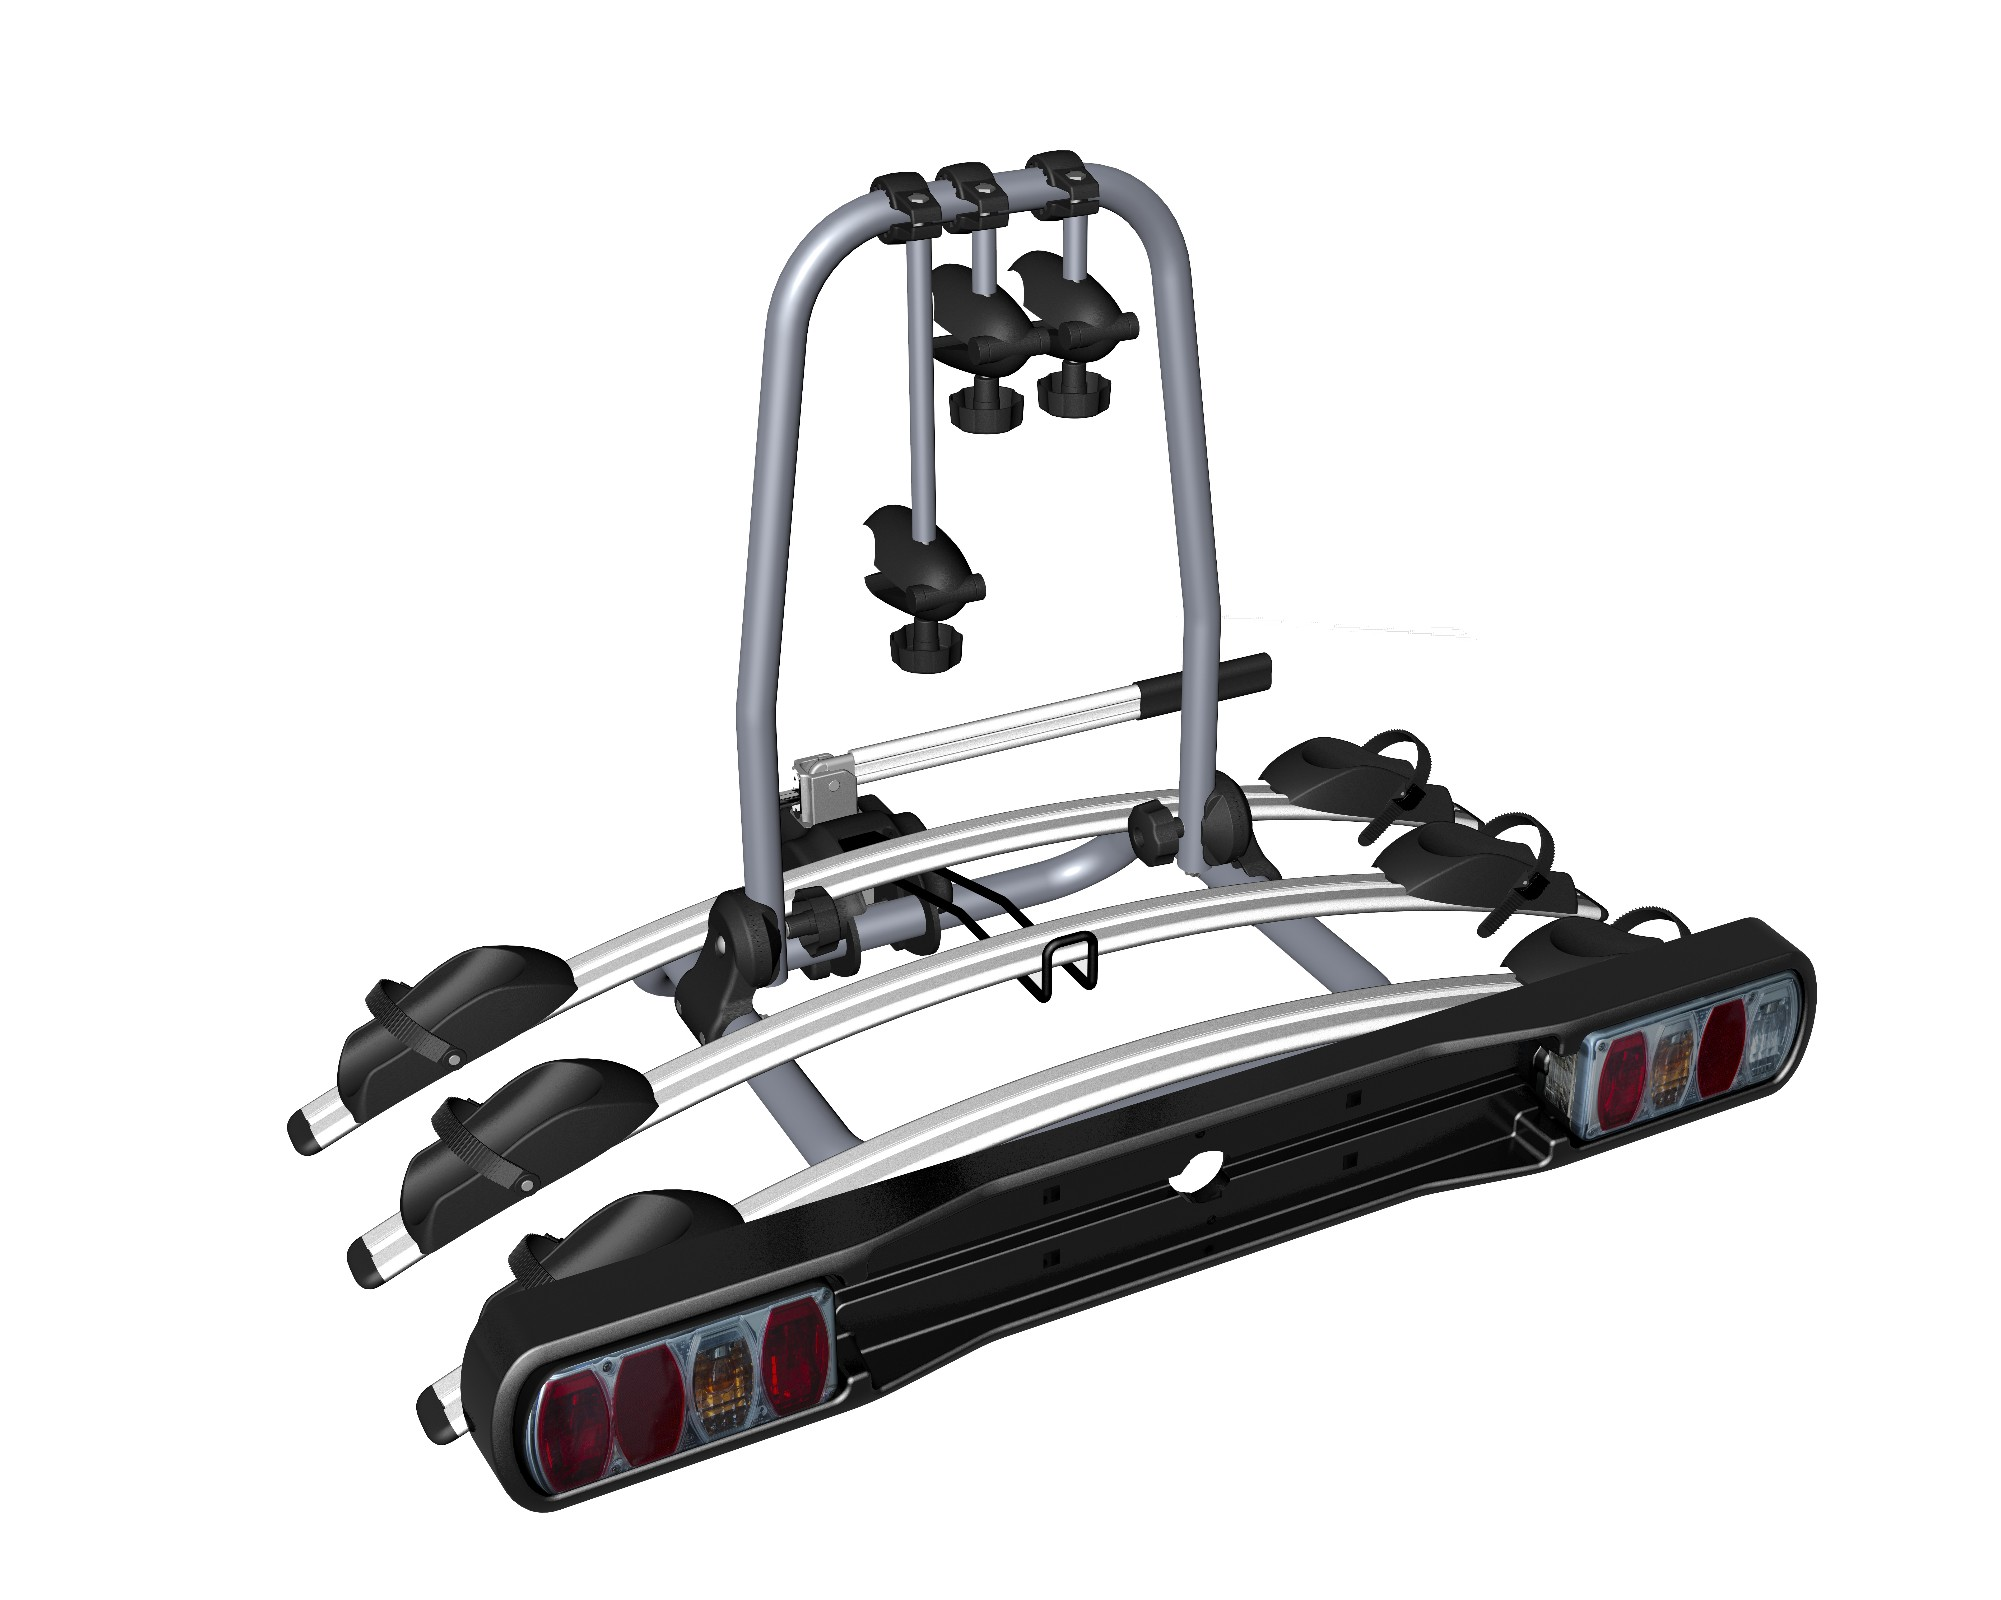 rear mounted bike carrier